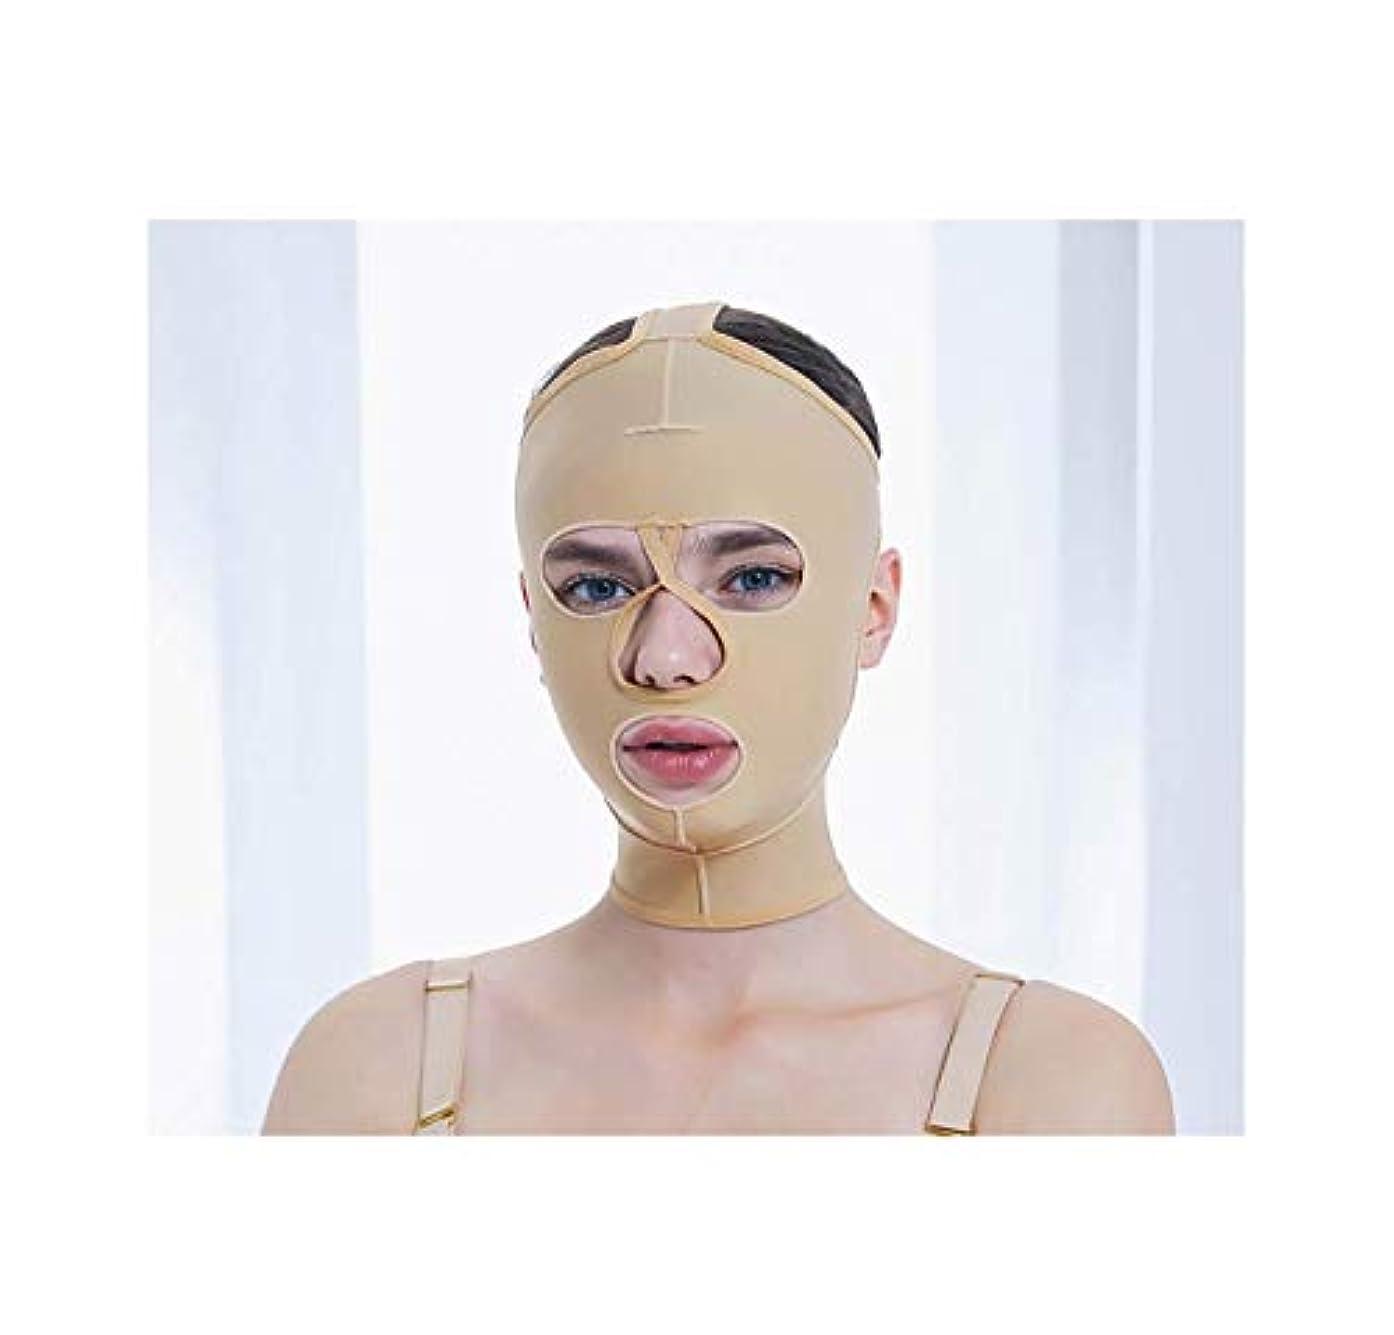 必需品することになっている浸透するフェイス&ネックリフト、減量フェイスマスク脂肪吸引術脂肪吸引整形マスクフードフェイスリフティングアーティファクトVフェイスビームフェイス弾性スリーブ(サイズ:XS),Xl